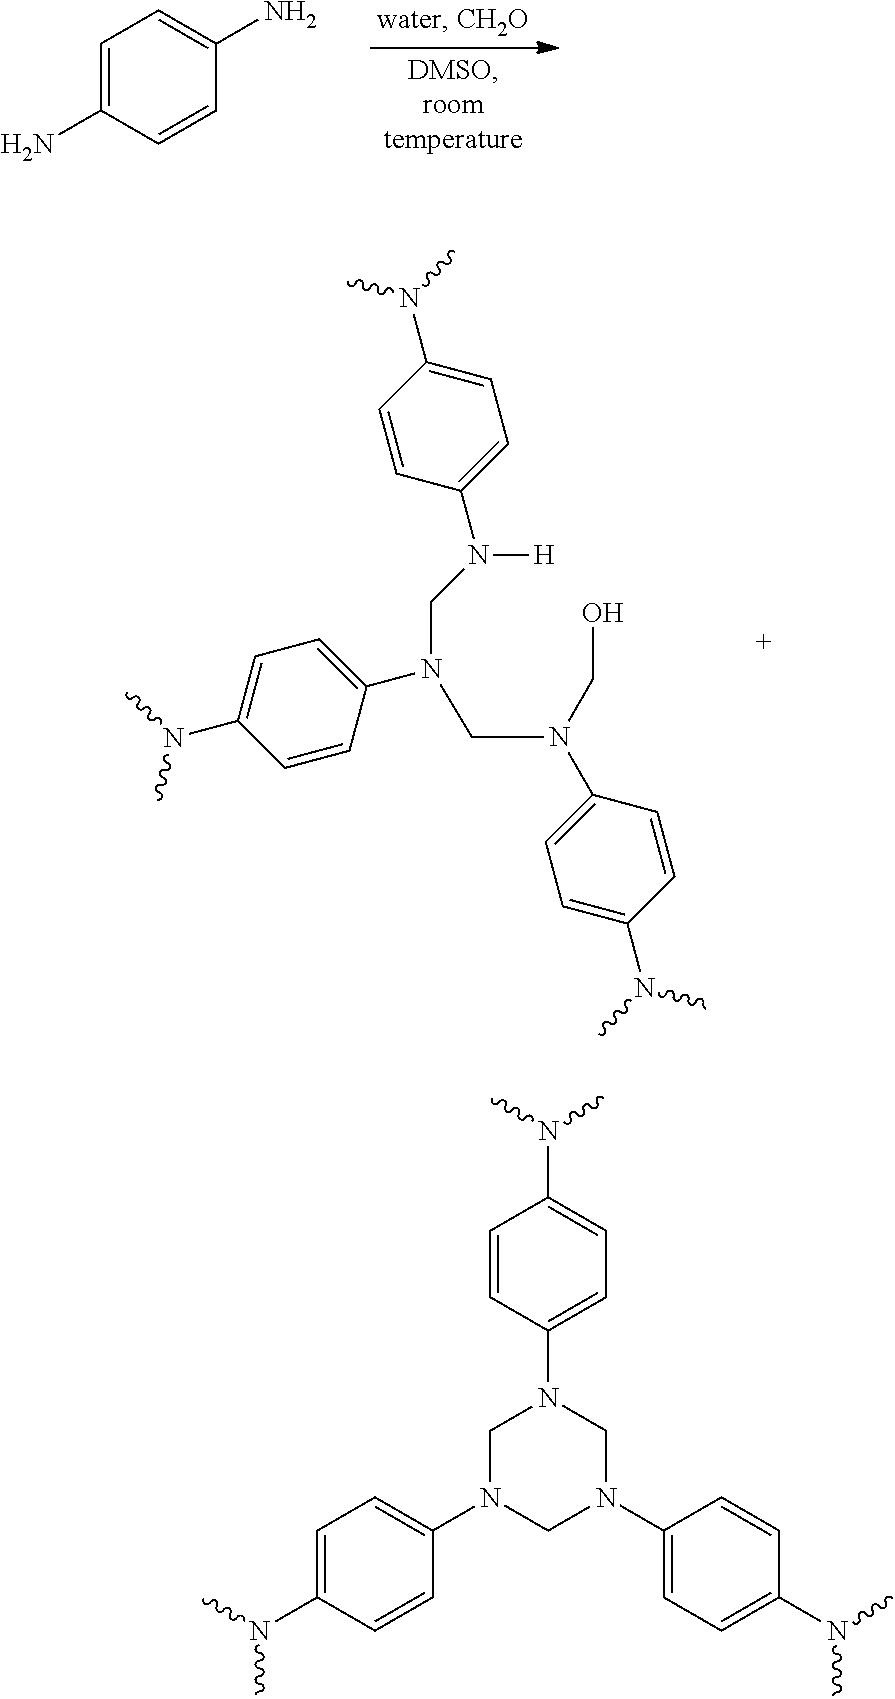 Figure US09296863-20160329-C00002